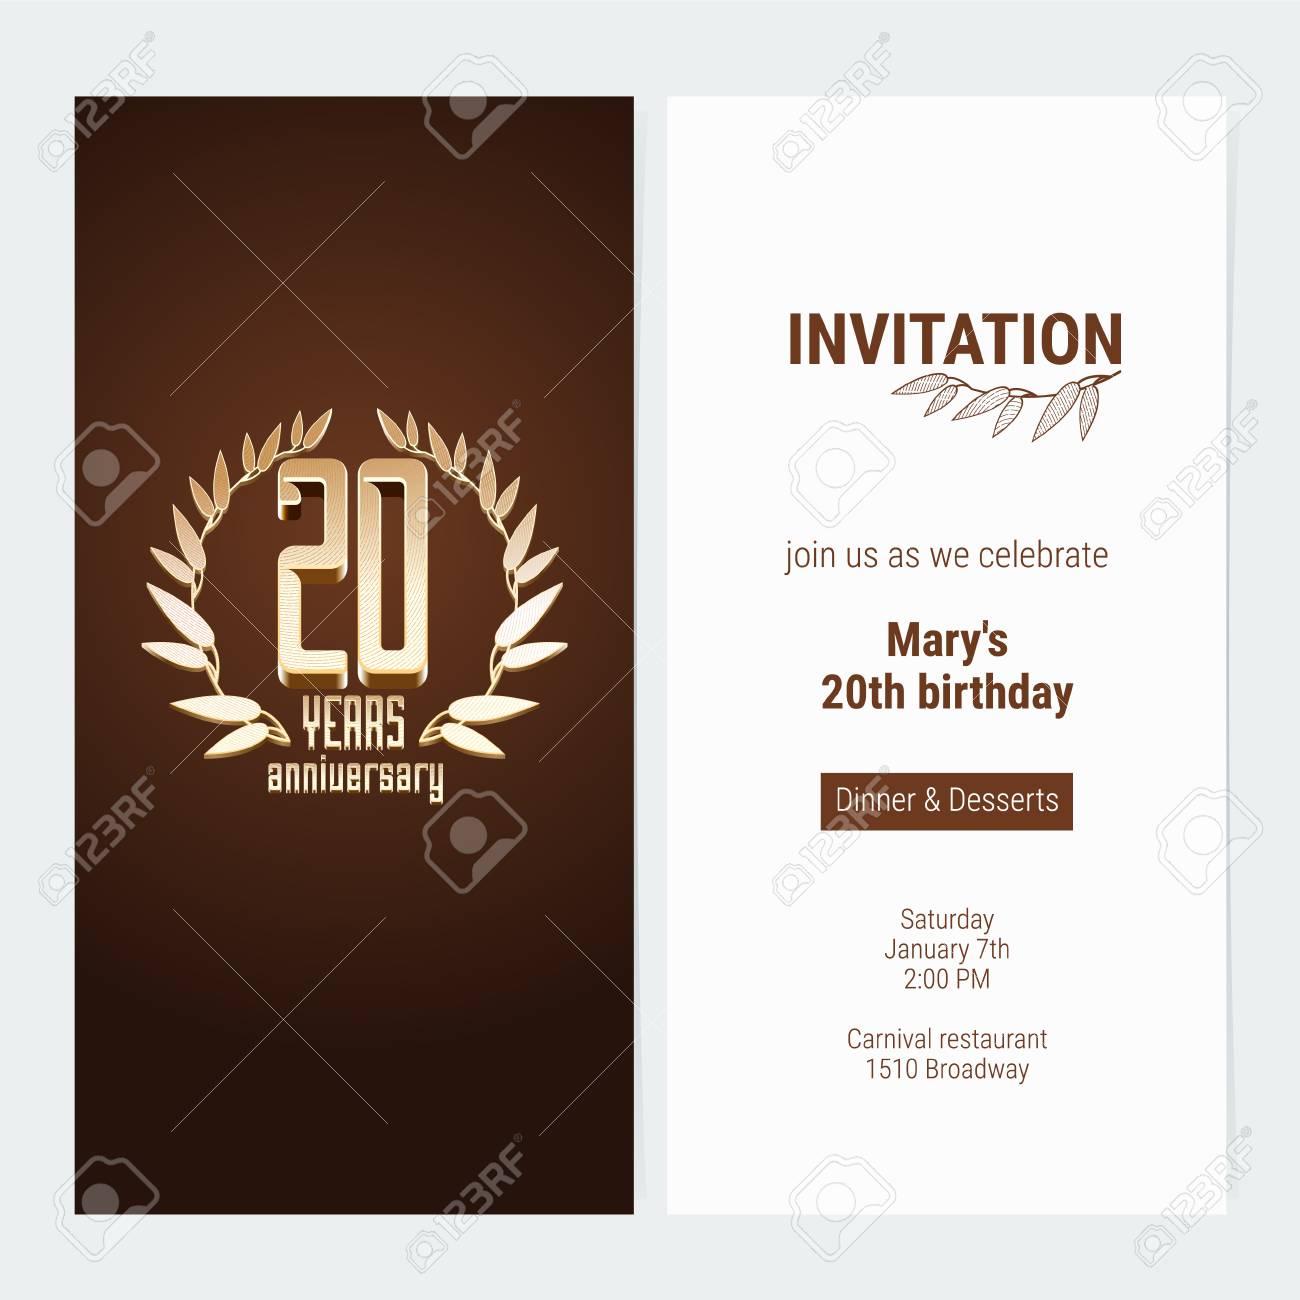 invitation anniversaire de 20 ans pour celebrer l illustration vectorielle de l evenement element de modele de conception avec le nombre d or et le